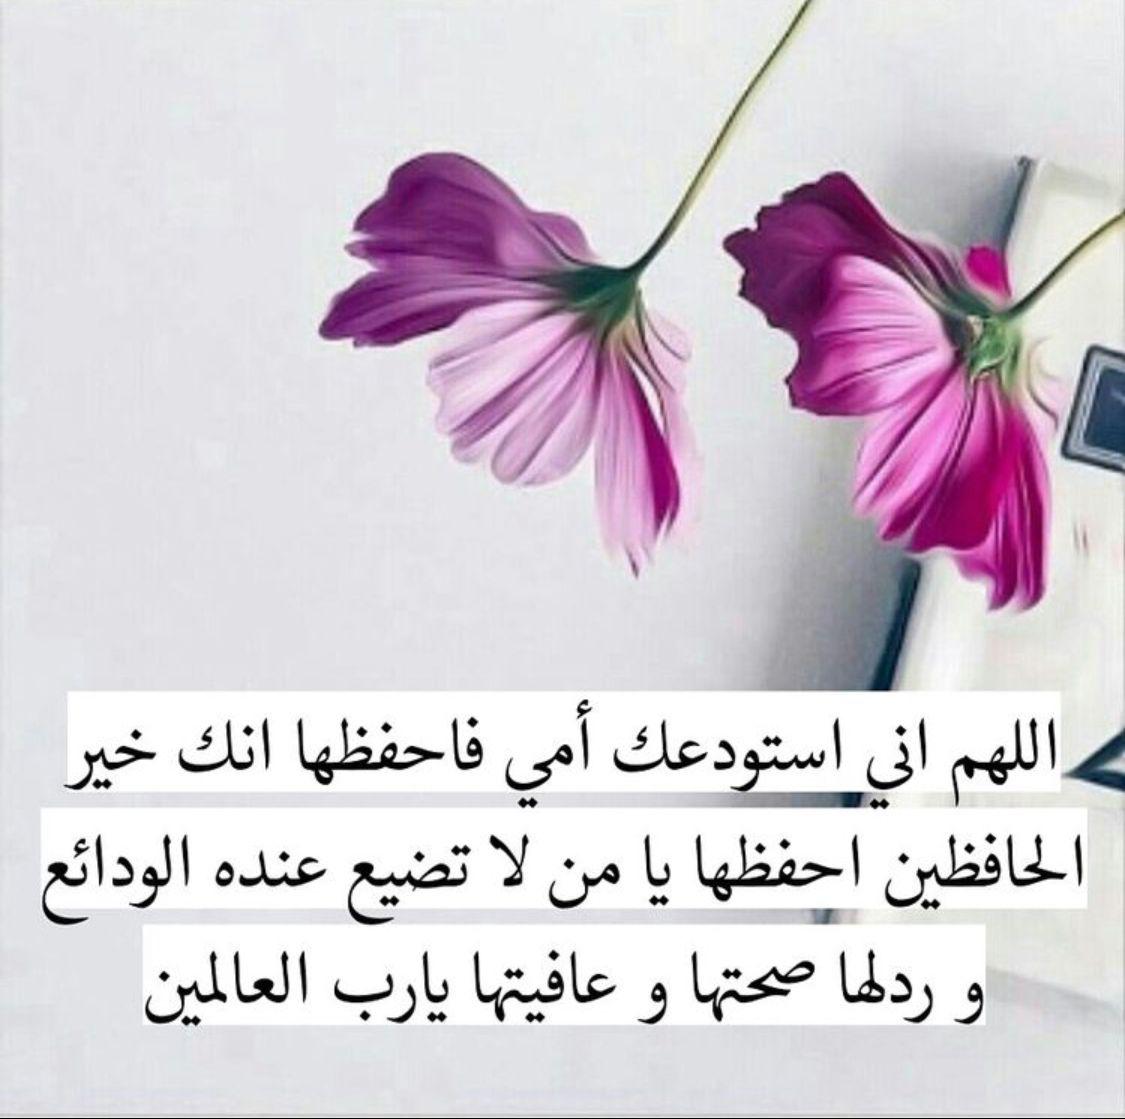 اللهم أني استودعتك أمي فاحفظها لي Love Quotes With Images Islamic Pictures Girly Pictures